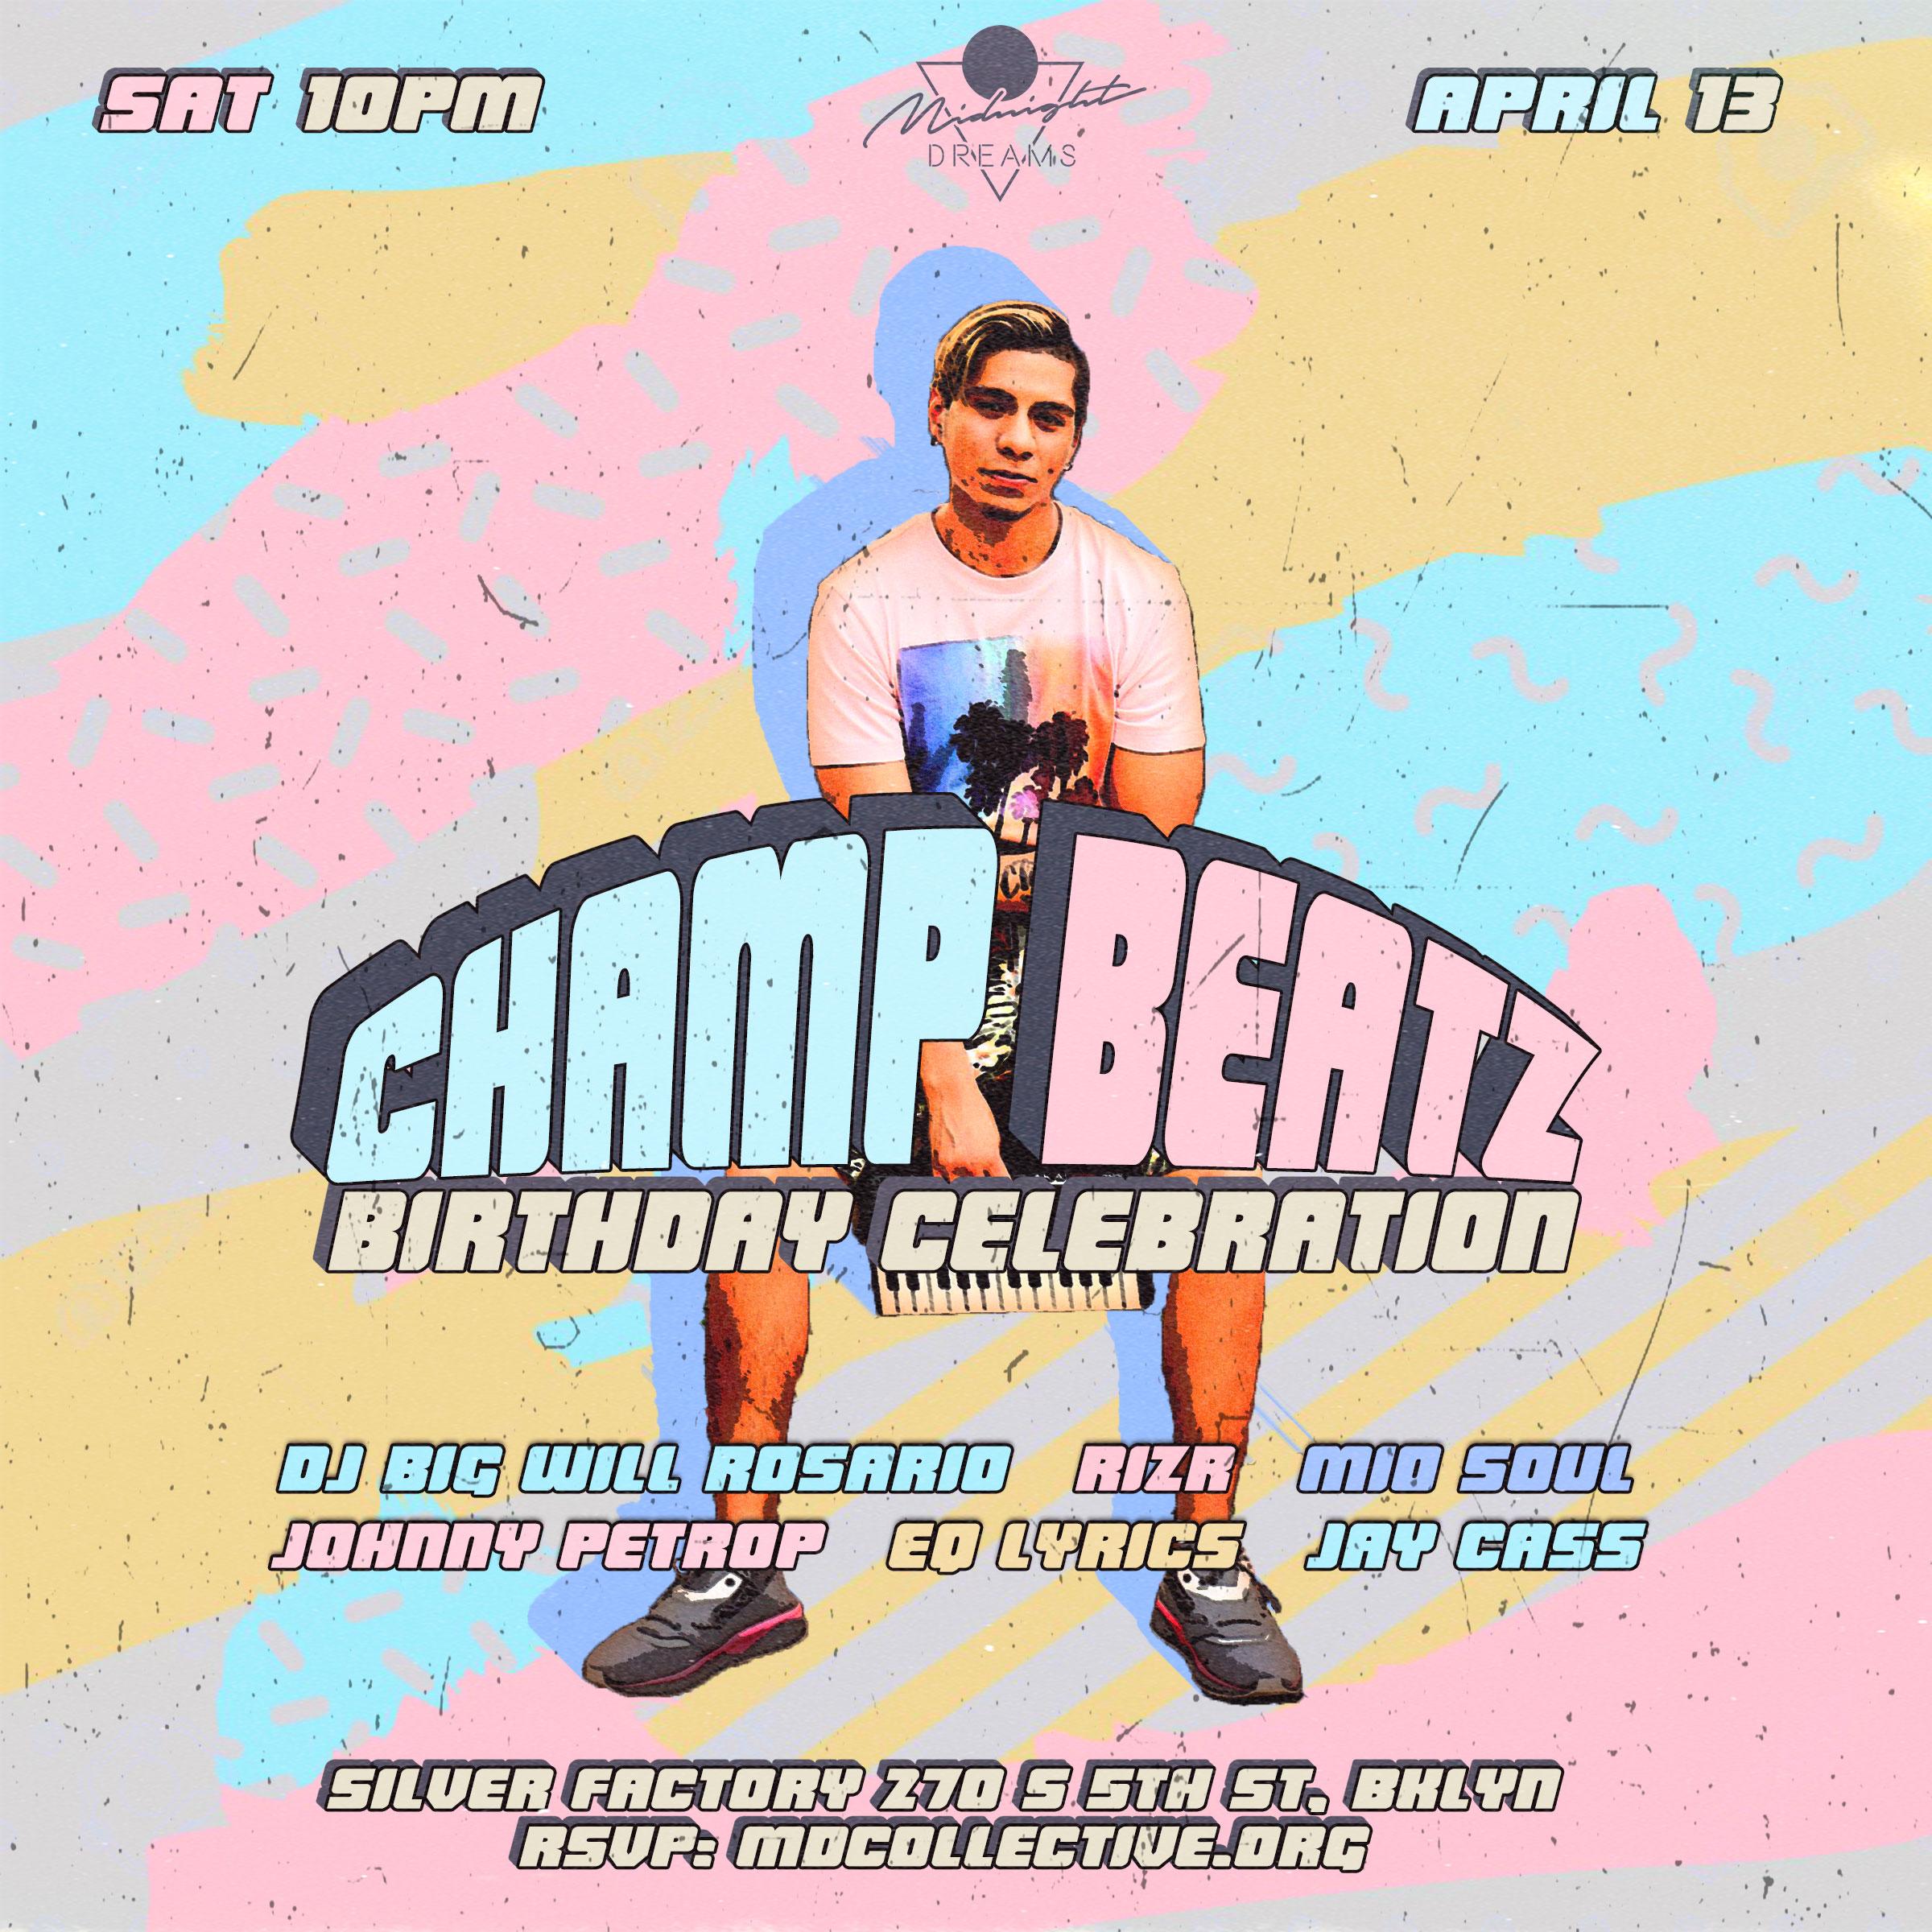 Champ-Beatz---BDAY-PARTY.jpg